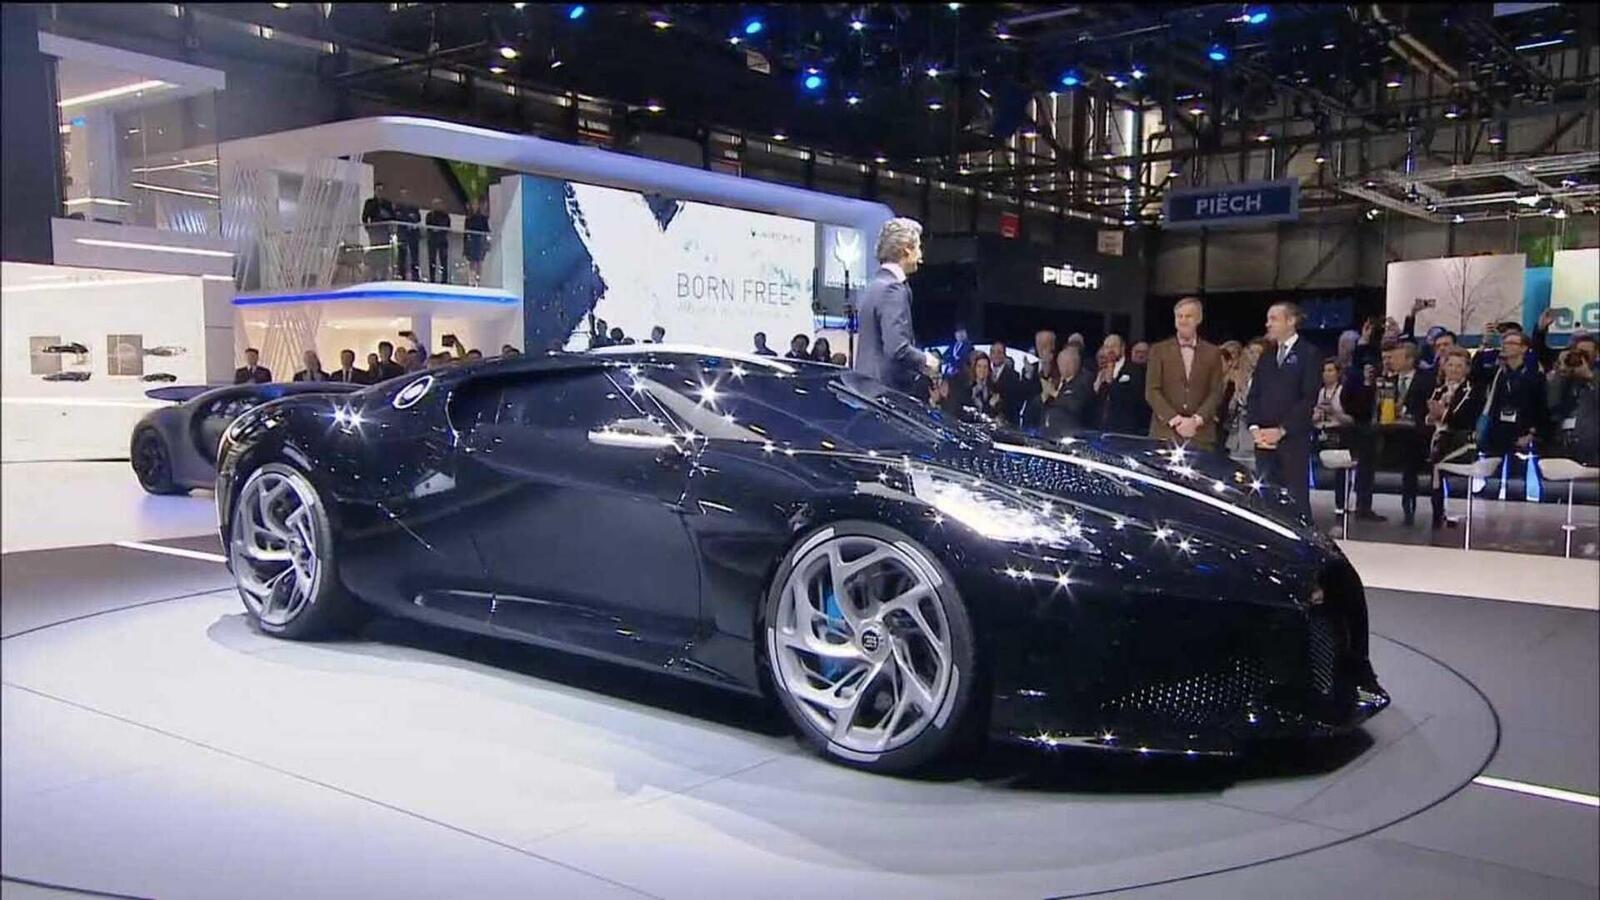 [GMS2019] Siêu phẩm Bugatti La Voatio Noire ra mắt: Chỉ một chiếc được sản xuất; giá hơn 259 tỷ đồng - Hình 2